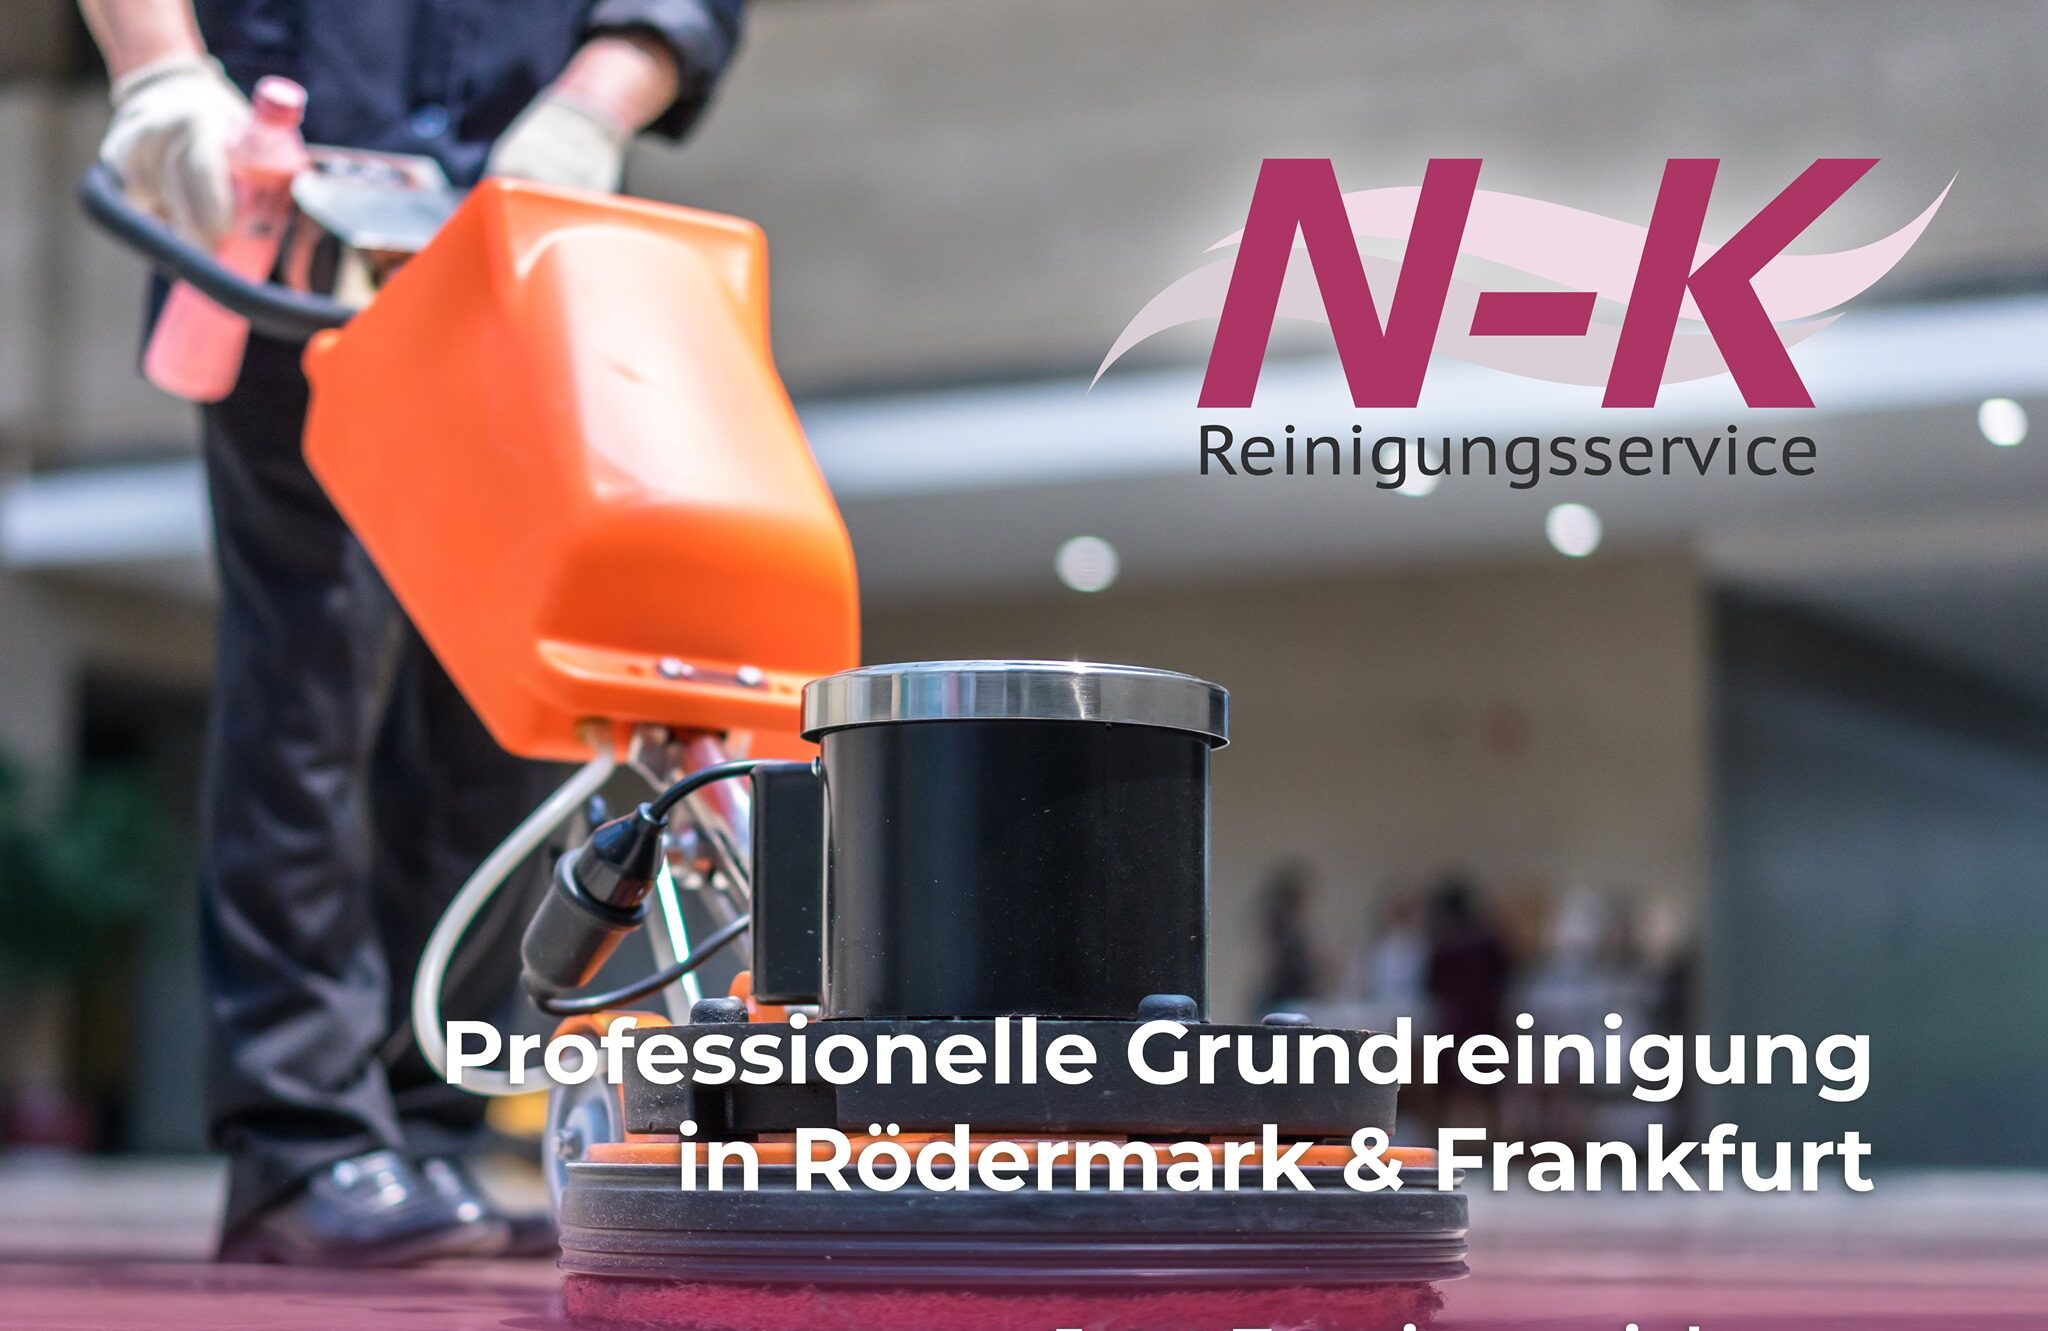 Professionelle Grundreinigung in Rödermark & Frankfurt